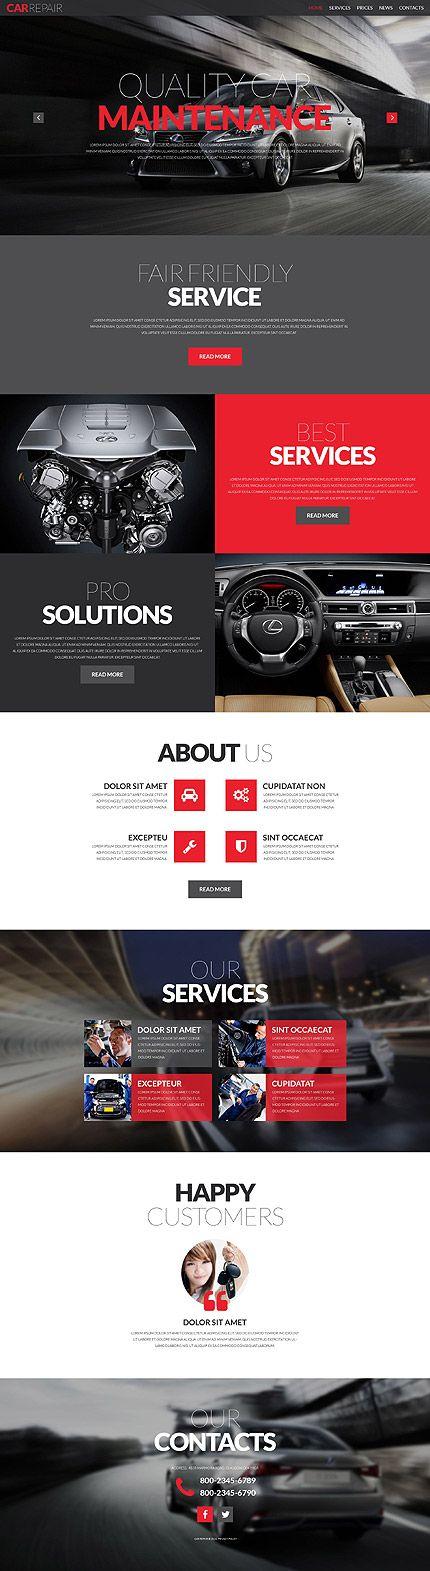 Template 51928 - Car Repair Responsive Website Template - car ad template